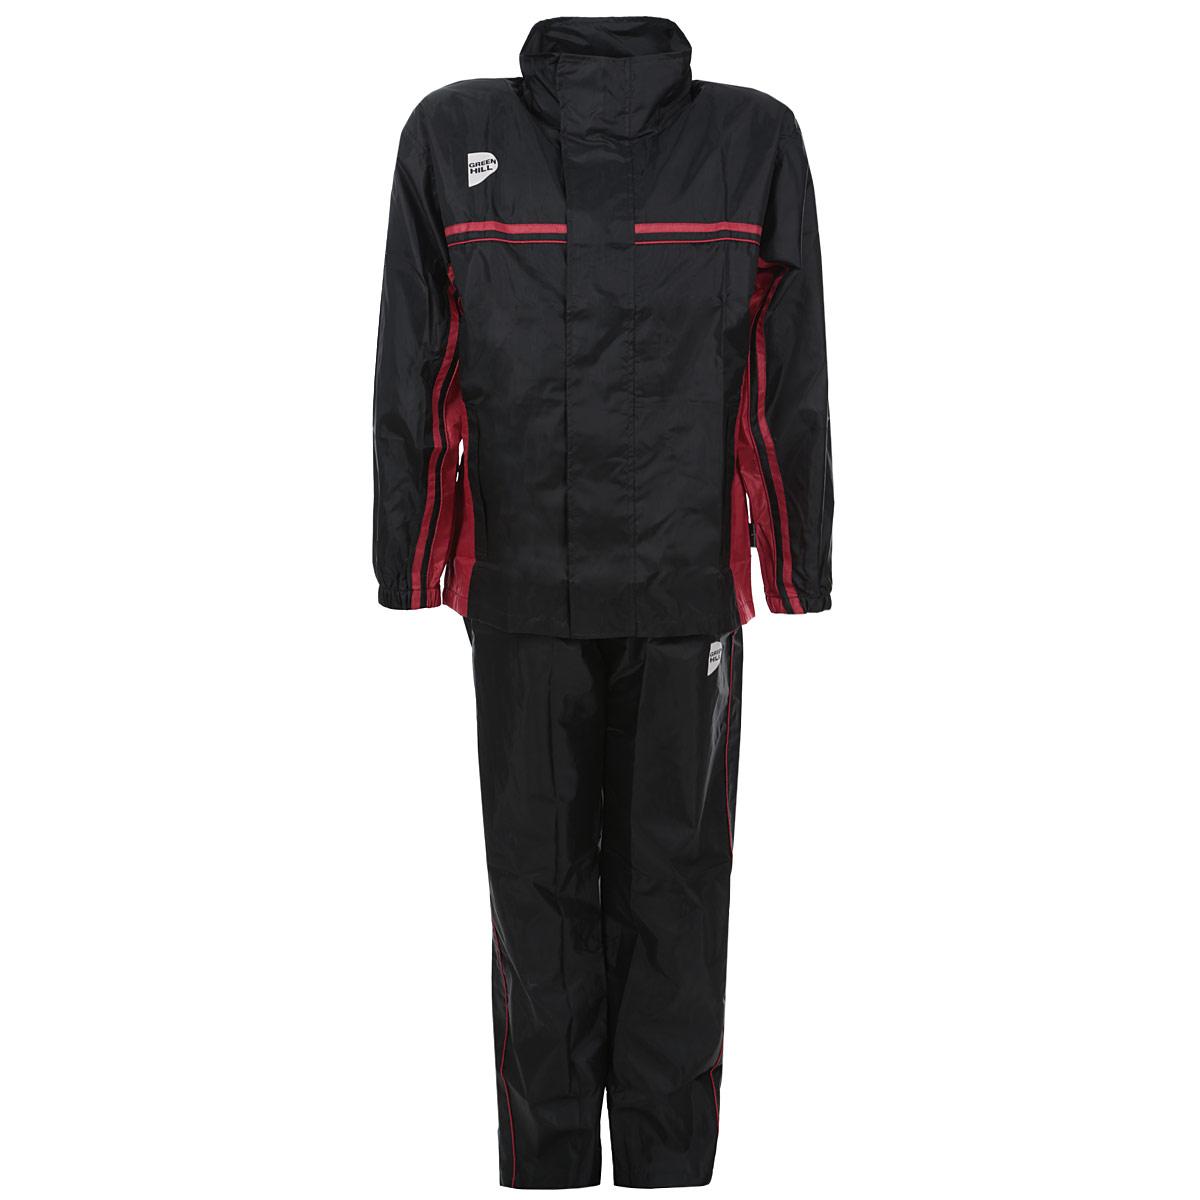 Костюм-сауна Green Hill, цвет: черный, красный. Размер 46SS-3661Костюм-сауна Green Hill предназначен для интенсивного сброса веса во время тренировок. Костюм выполнен из полиэстера черного цвета с красными вставками. Состоит из штанов и куртки с длинным рукавом. Пояс и манжеты куртки и штанов на резинках, что обеспечивает более плотное прилегание к телу. Куртка застегивается на застежку-молнию и липучки, имеет капюшон, убирающийся в воротник, и два кармана на молнии. Брюки имеют шнурок на поясе, а также карманы на молнии.Во время физических тренировок костюм создает эффект сауны, что в свою очередь эффективно воздействует на процесс сжигания жира. Поэтому в таком костюме лишний вес будет пропадать намного быстрее, чем в обычной спортивной одежде.